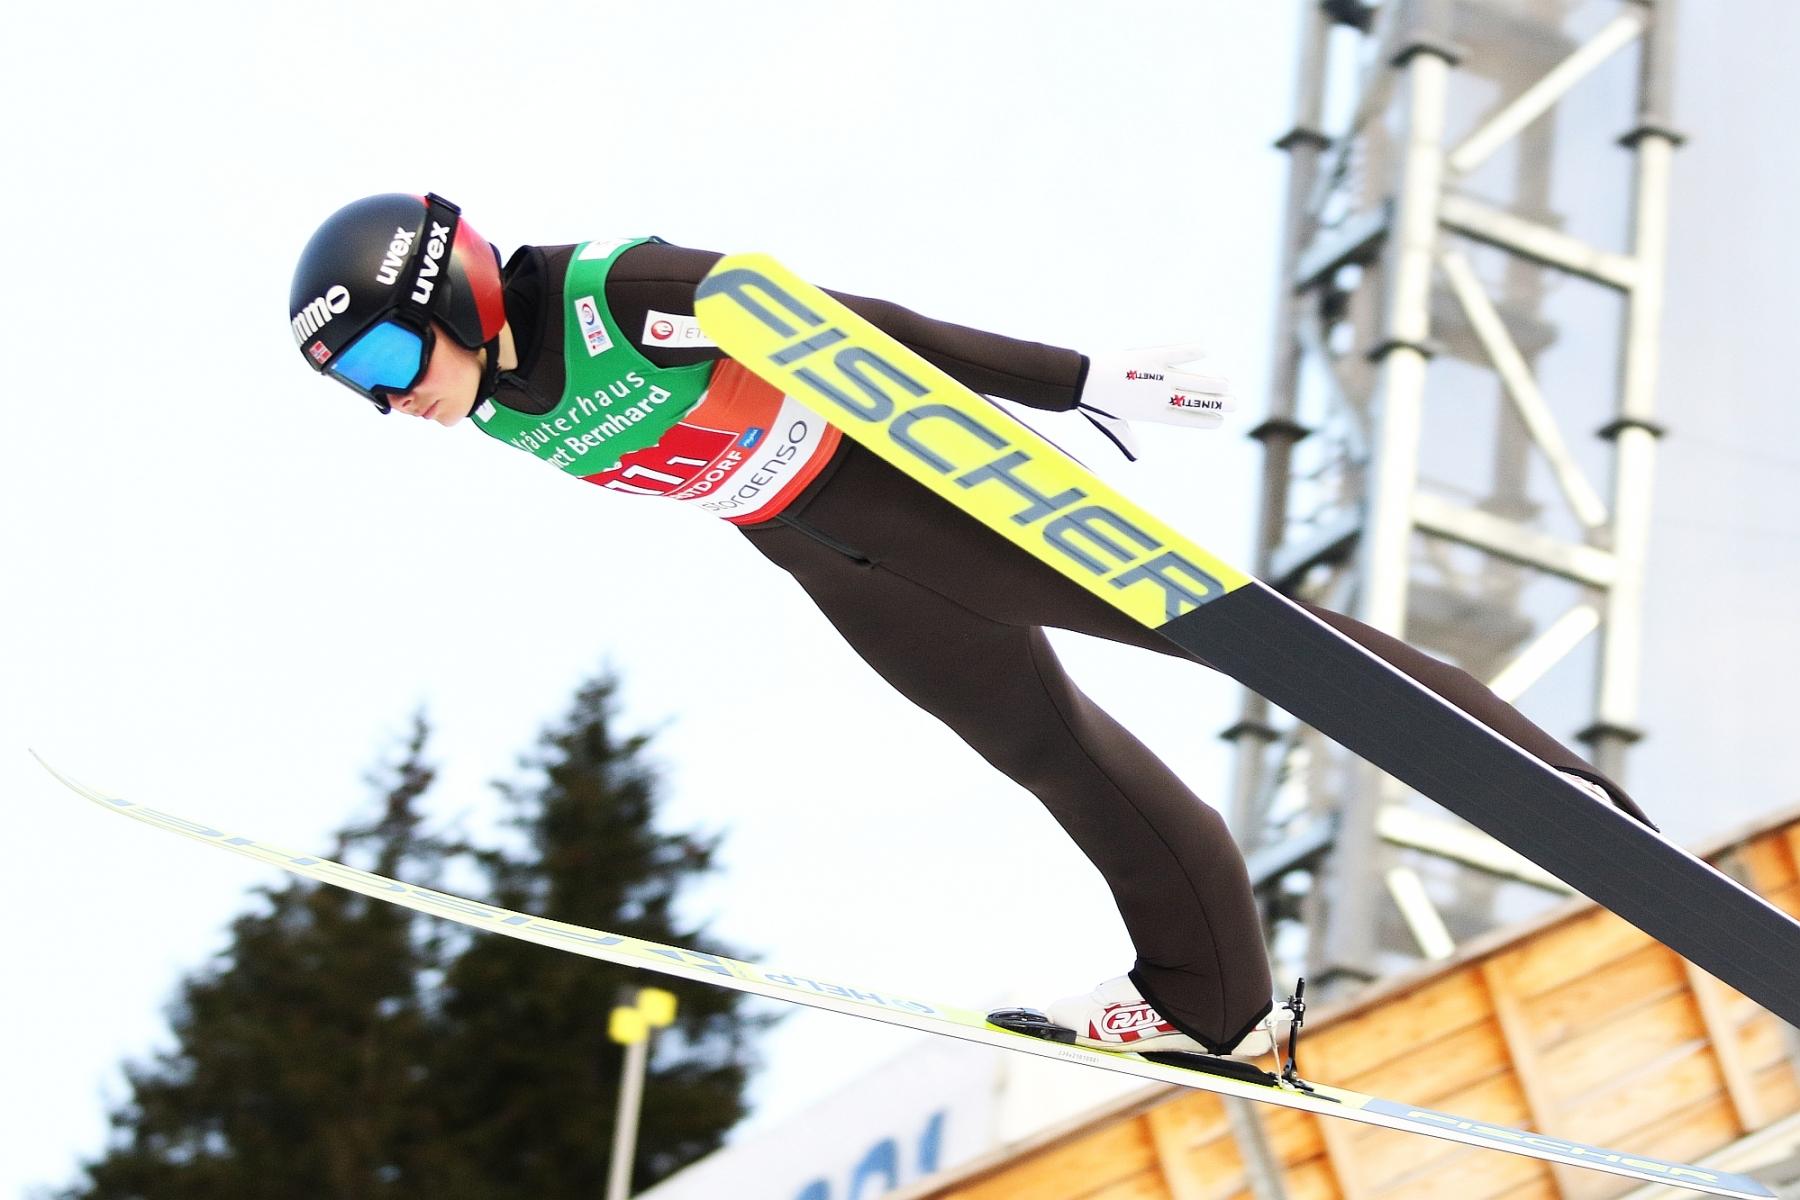 Mistrzostwa Swiata Oberstdorf2021 panieteam fotJuliaPiatkowska 4 - MŚ Oberstdorf: Niemcy niespodziewanymi liderami, Polacy na szóstym miejscu